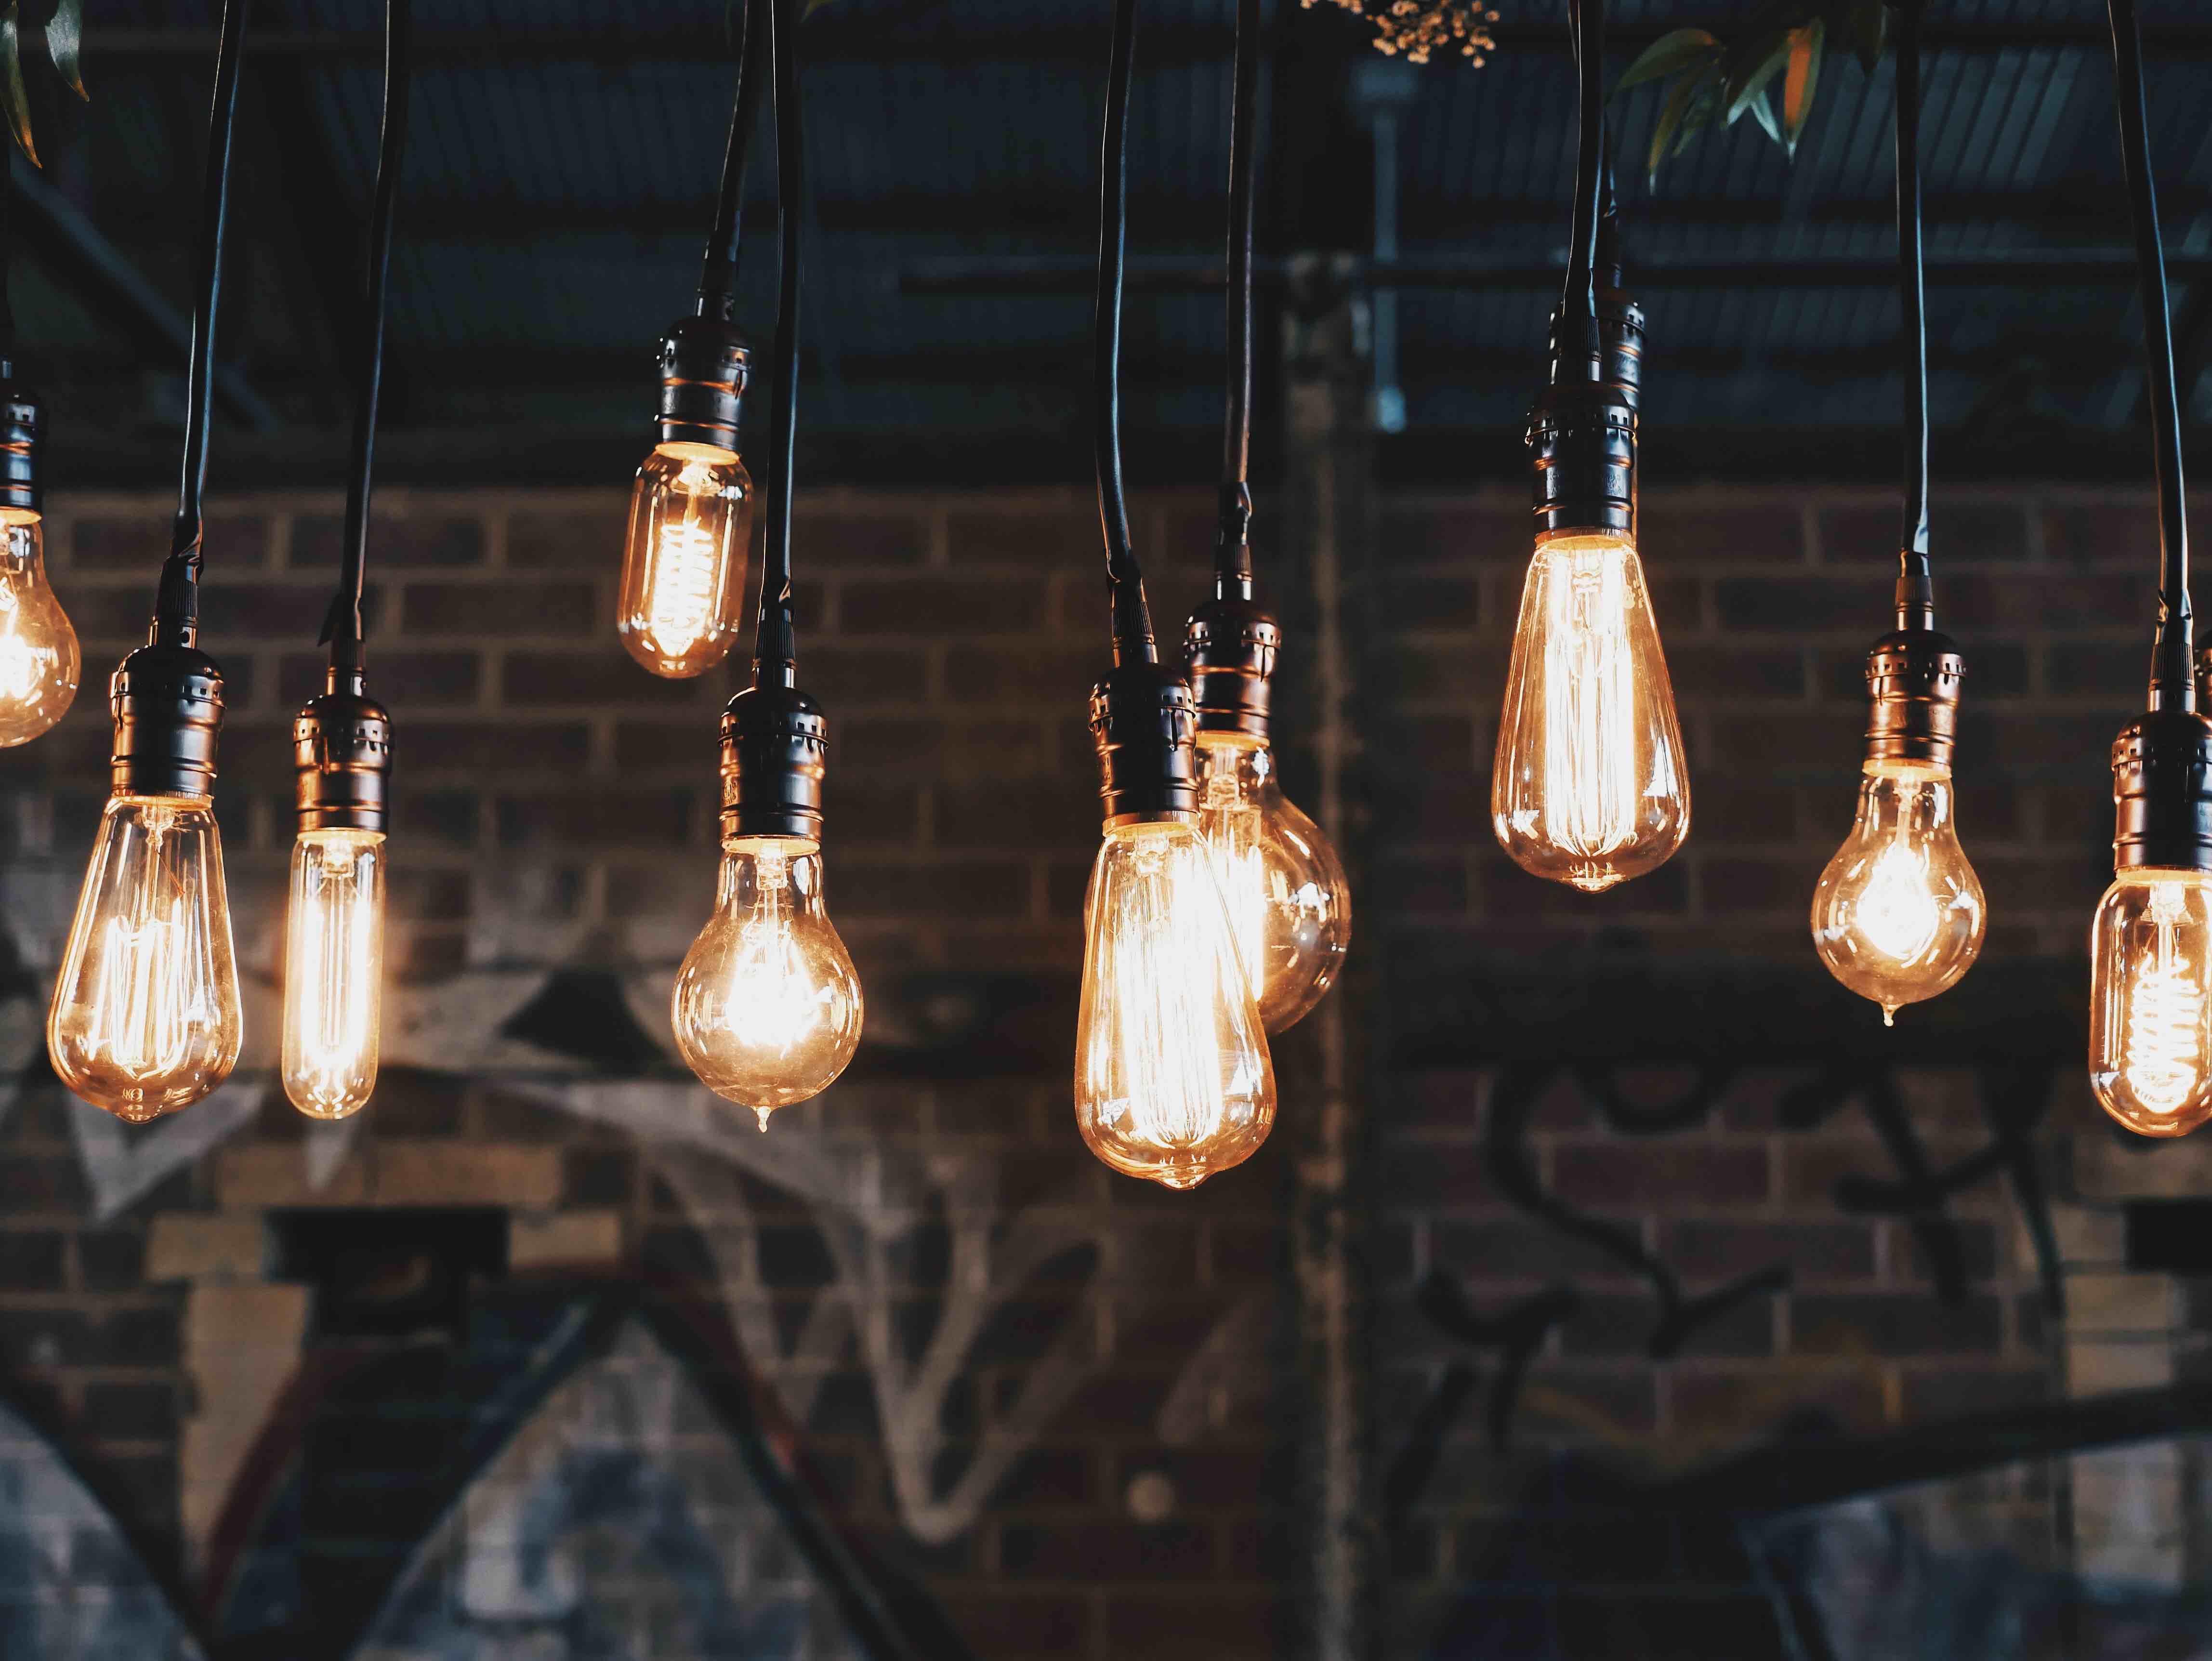 Les dix énergies à entretenir pour bien travailler au quotidien